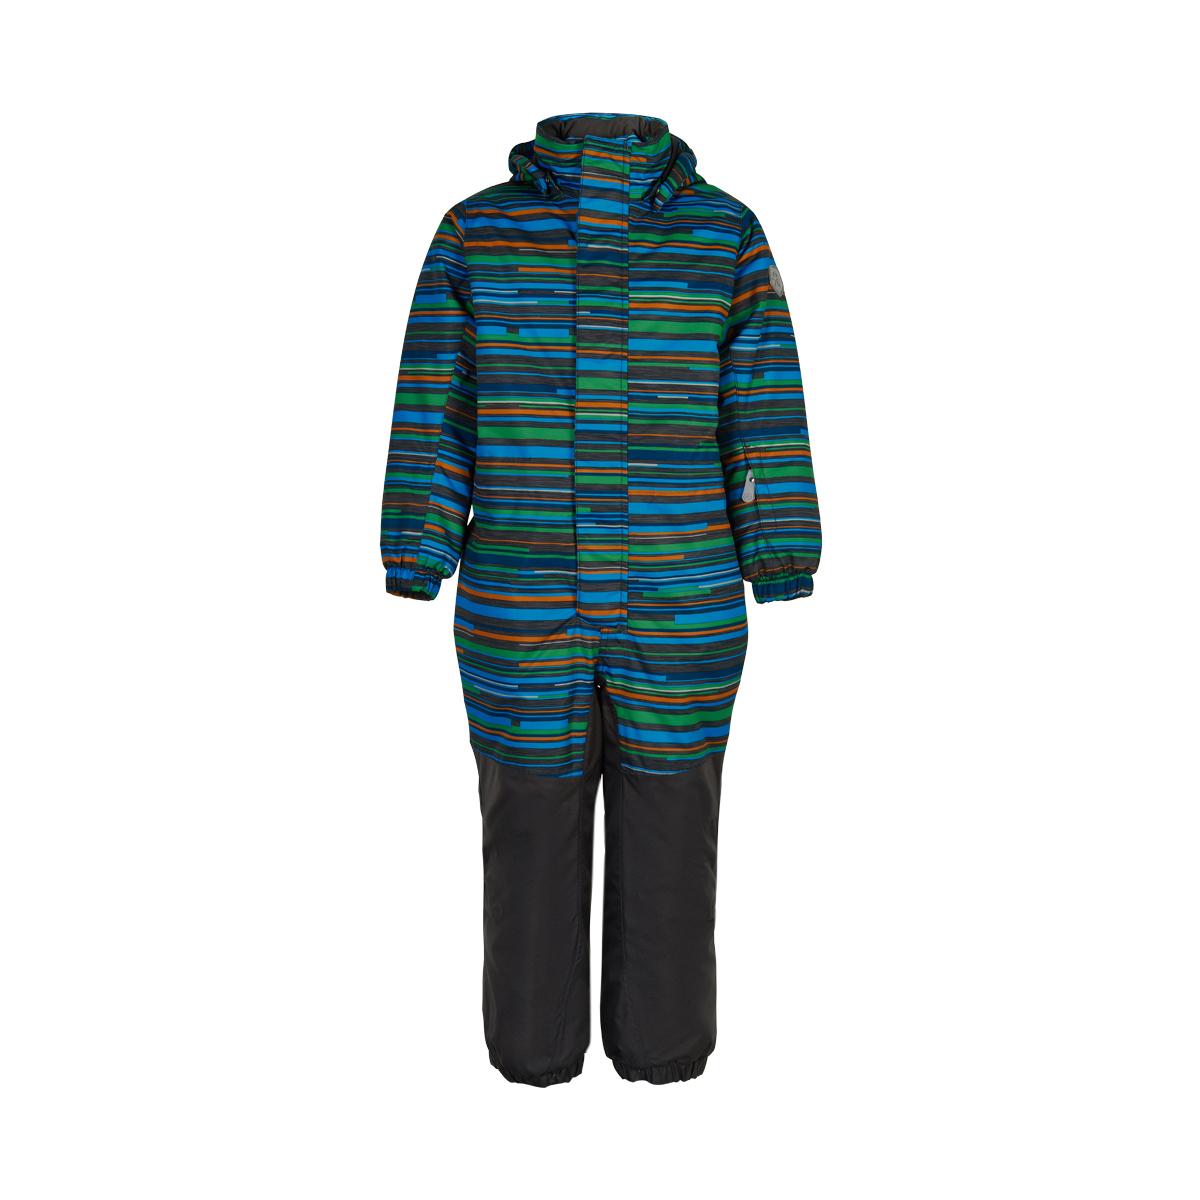 Color Kids chlapecká zimní kombinéza Air Flo 10000  740020-7811